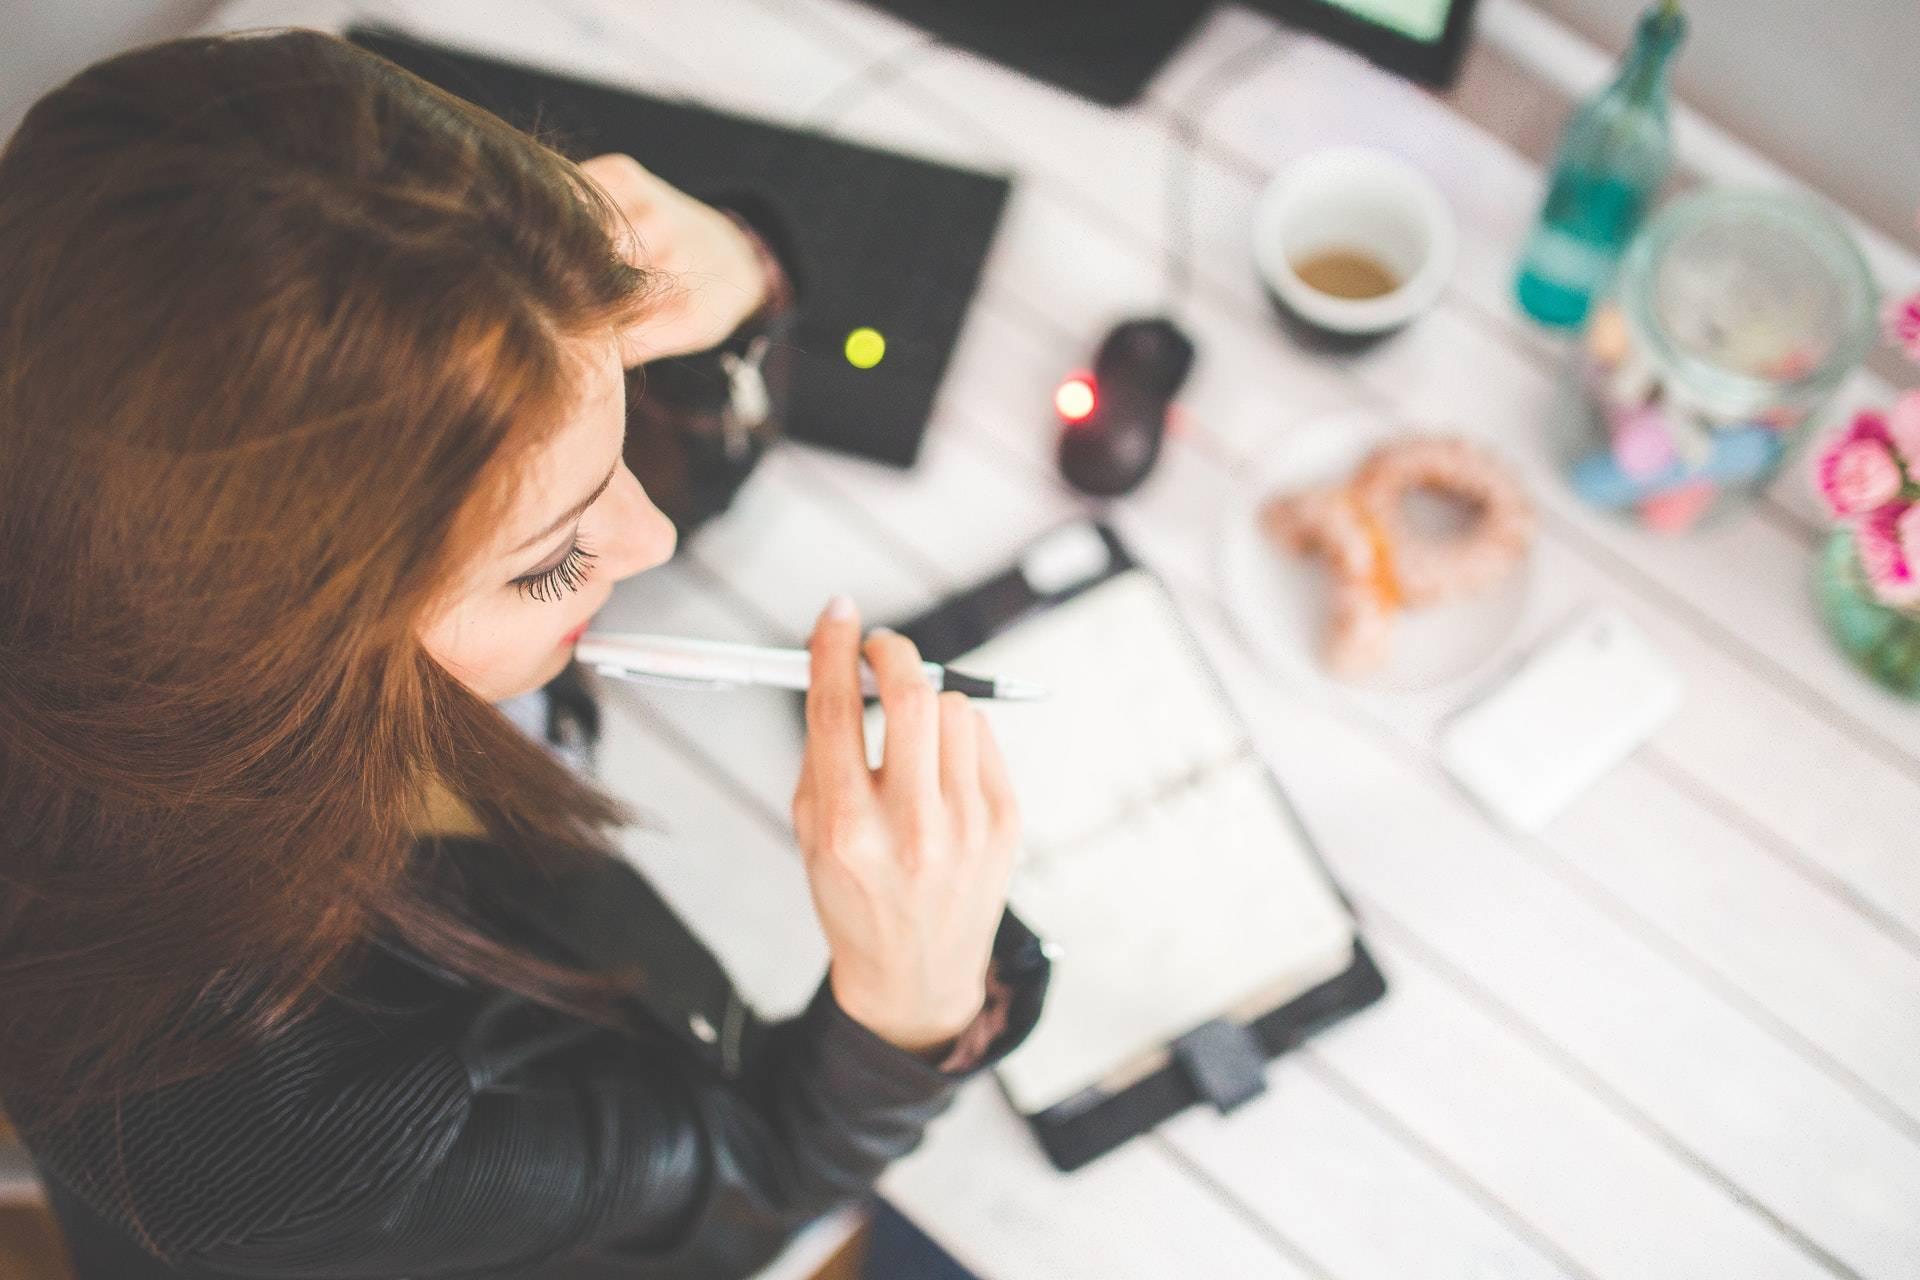 Vape pen for female intern writing notes